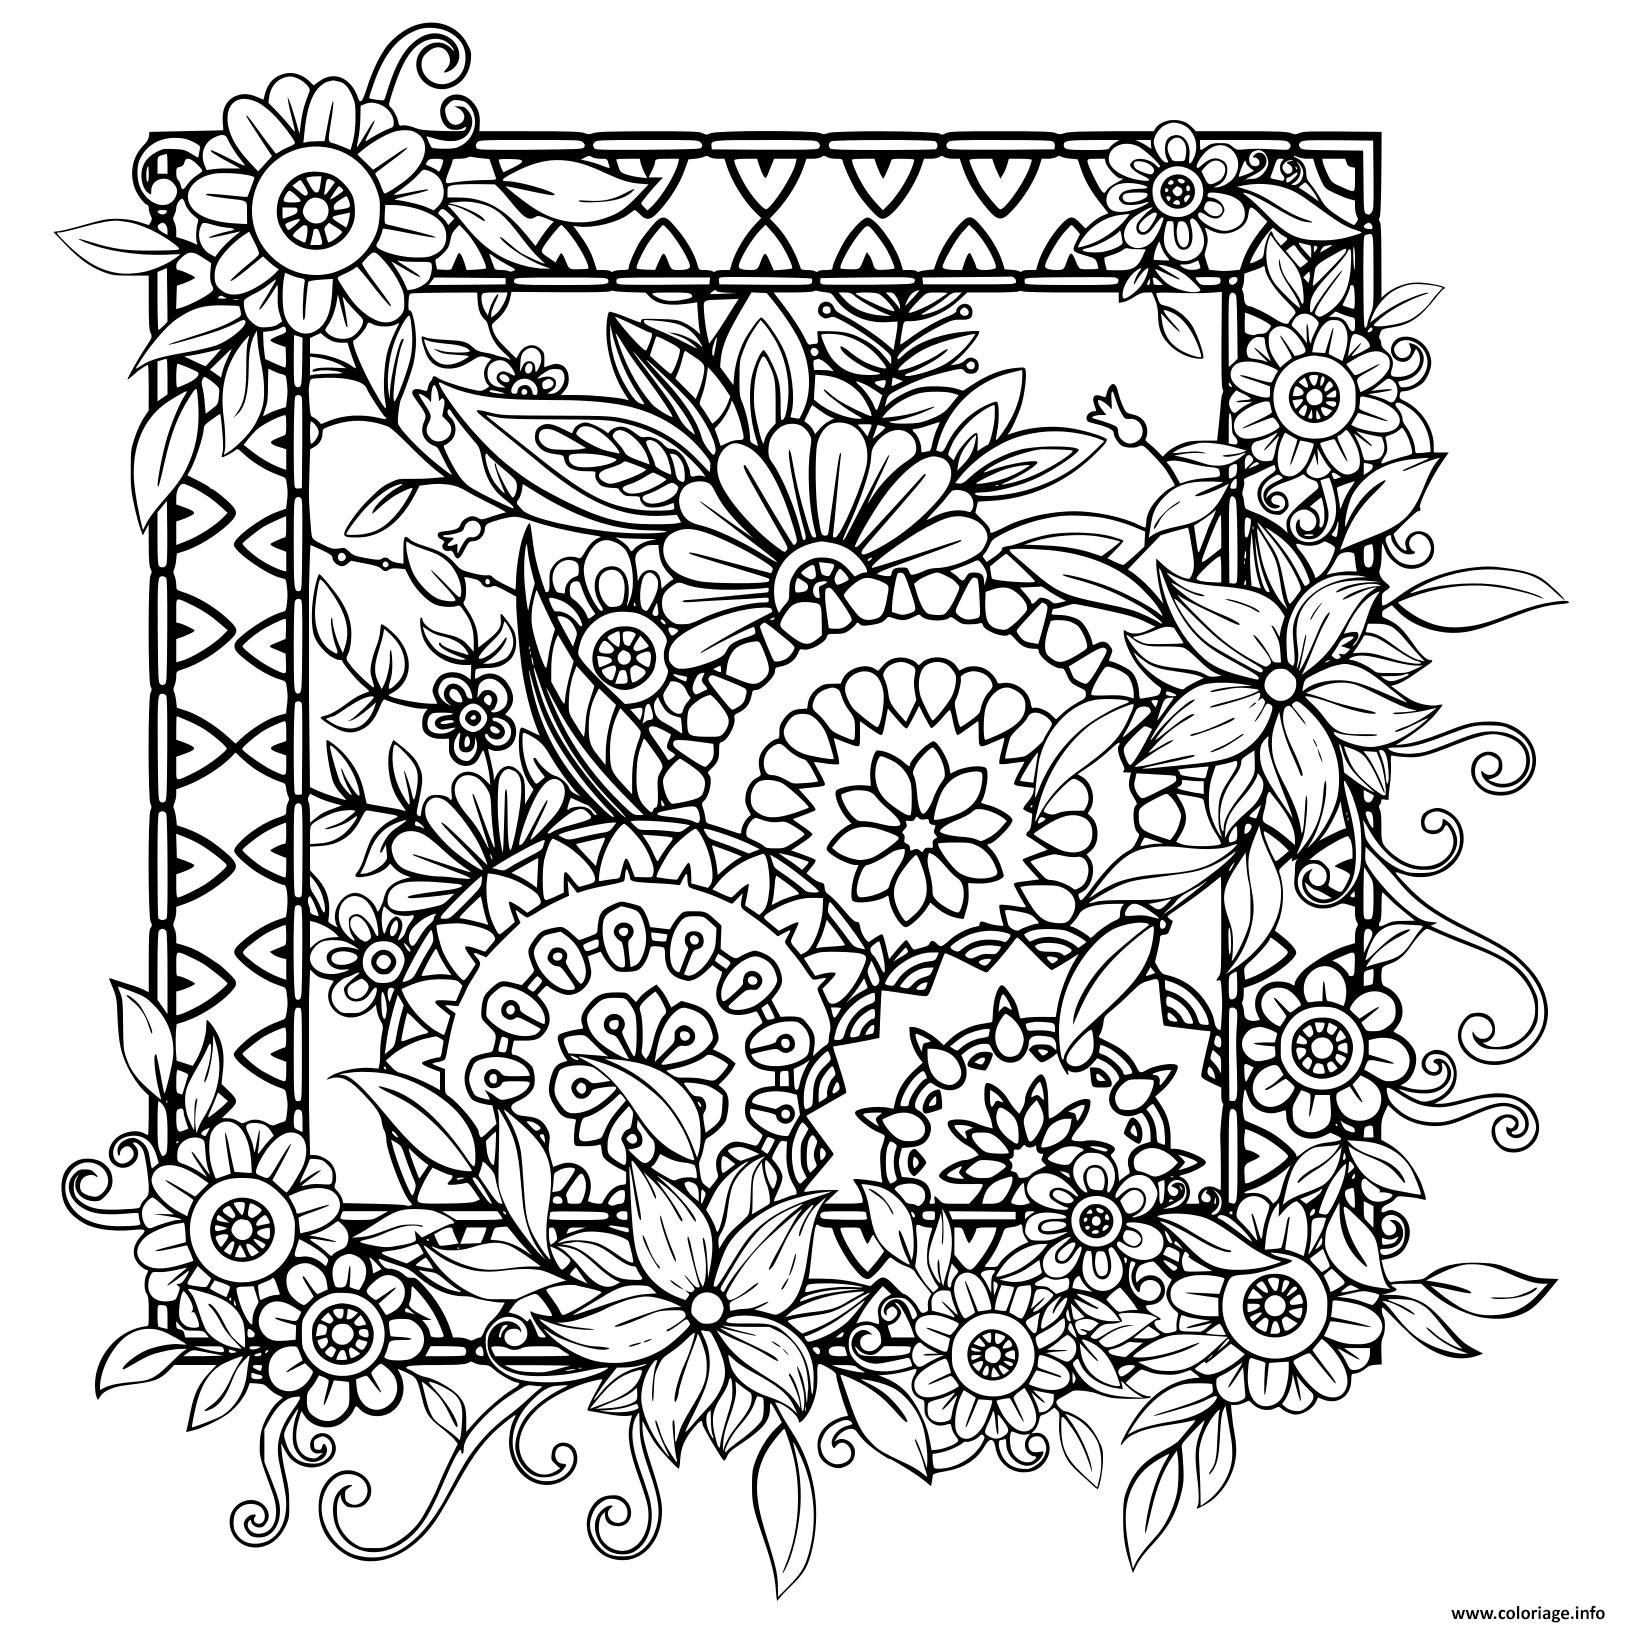 Coloriage Adultes Avec Des Fleurs Motif Noir Et Blanc Doodle